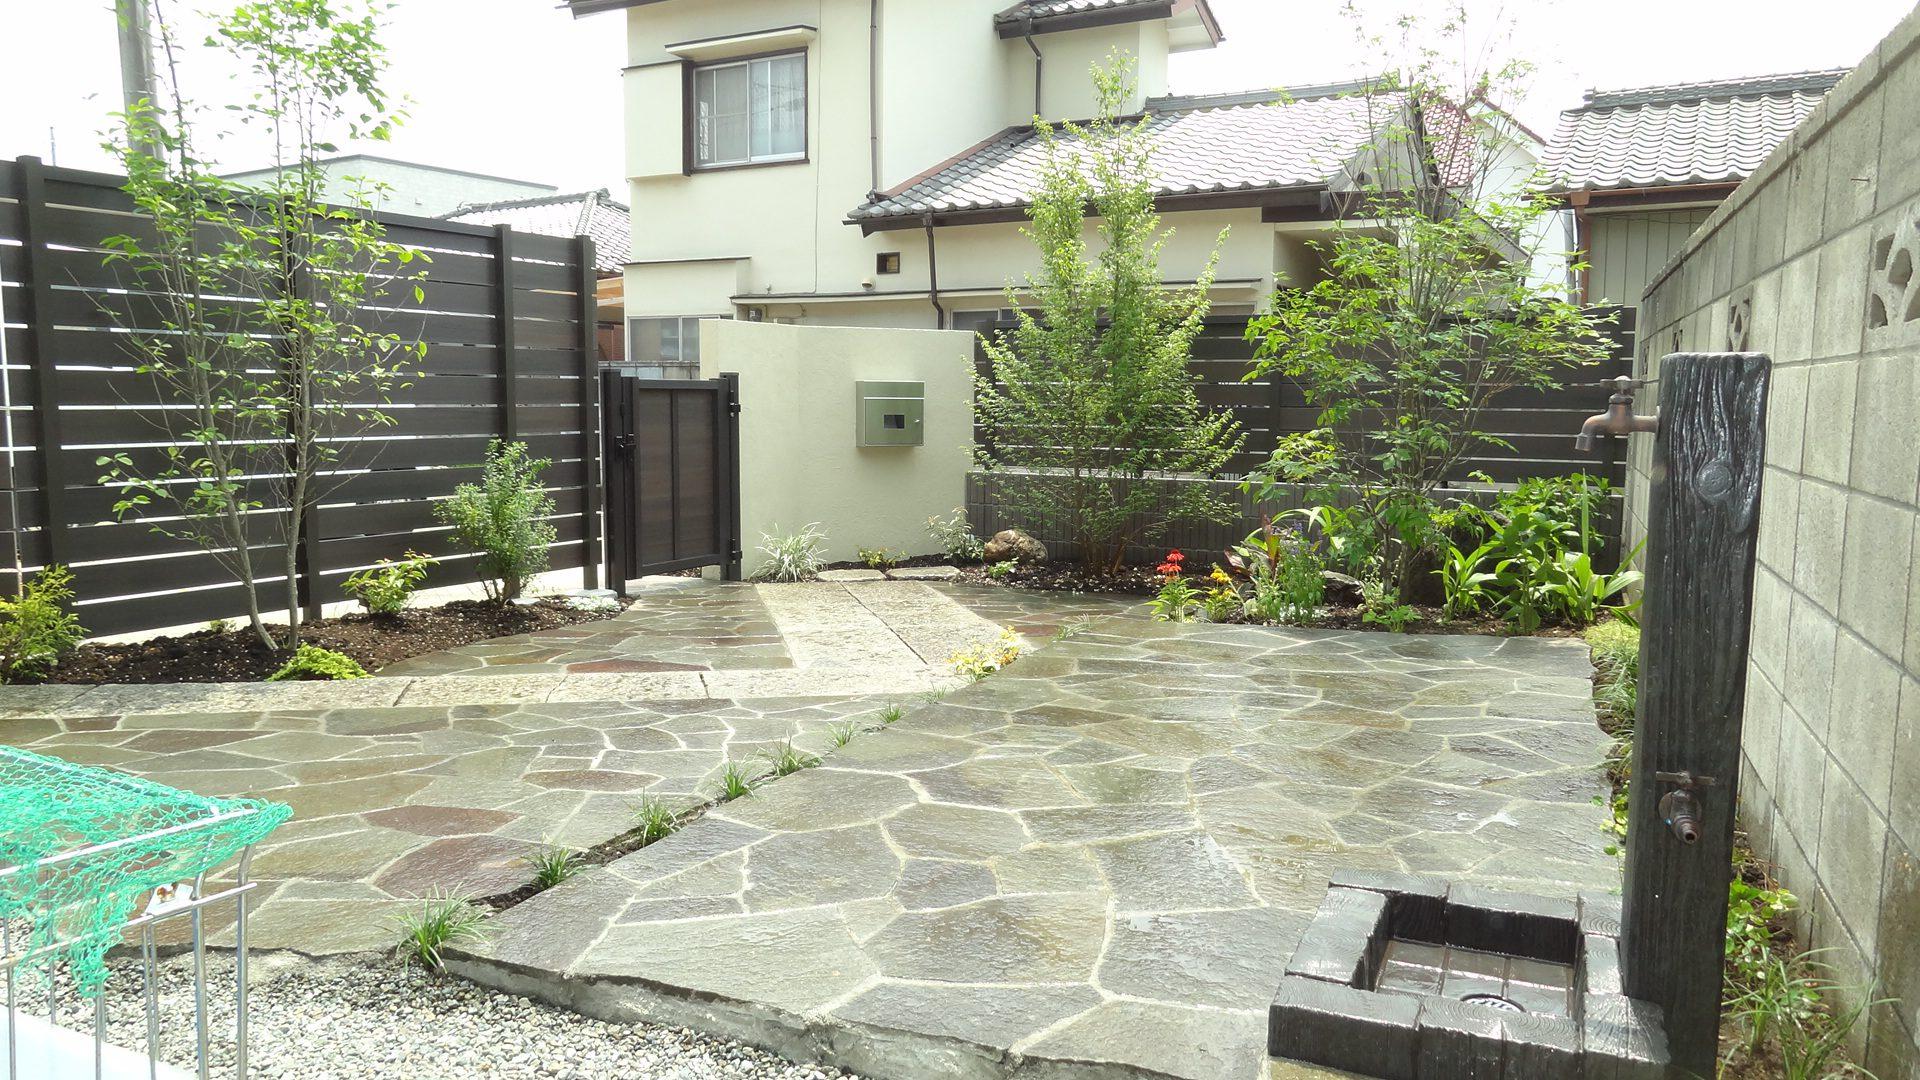 御影石と鉄平石の石貼りの庭